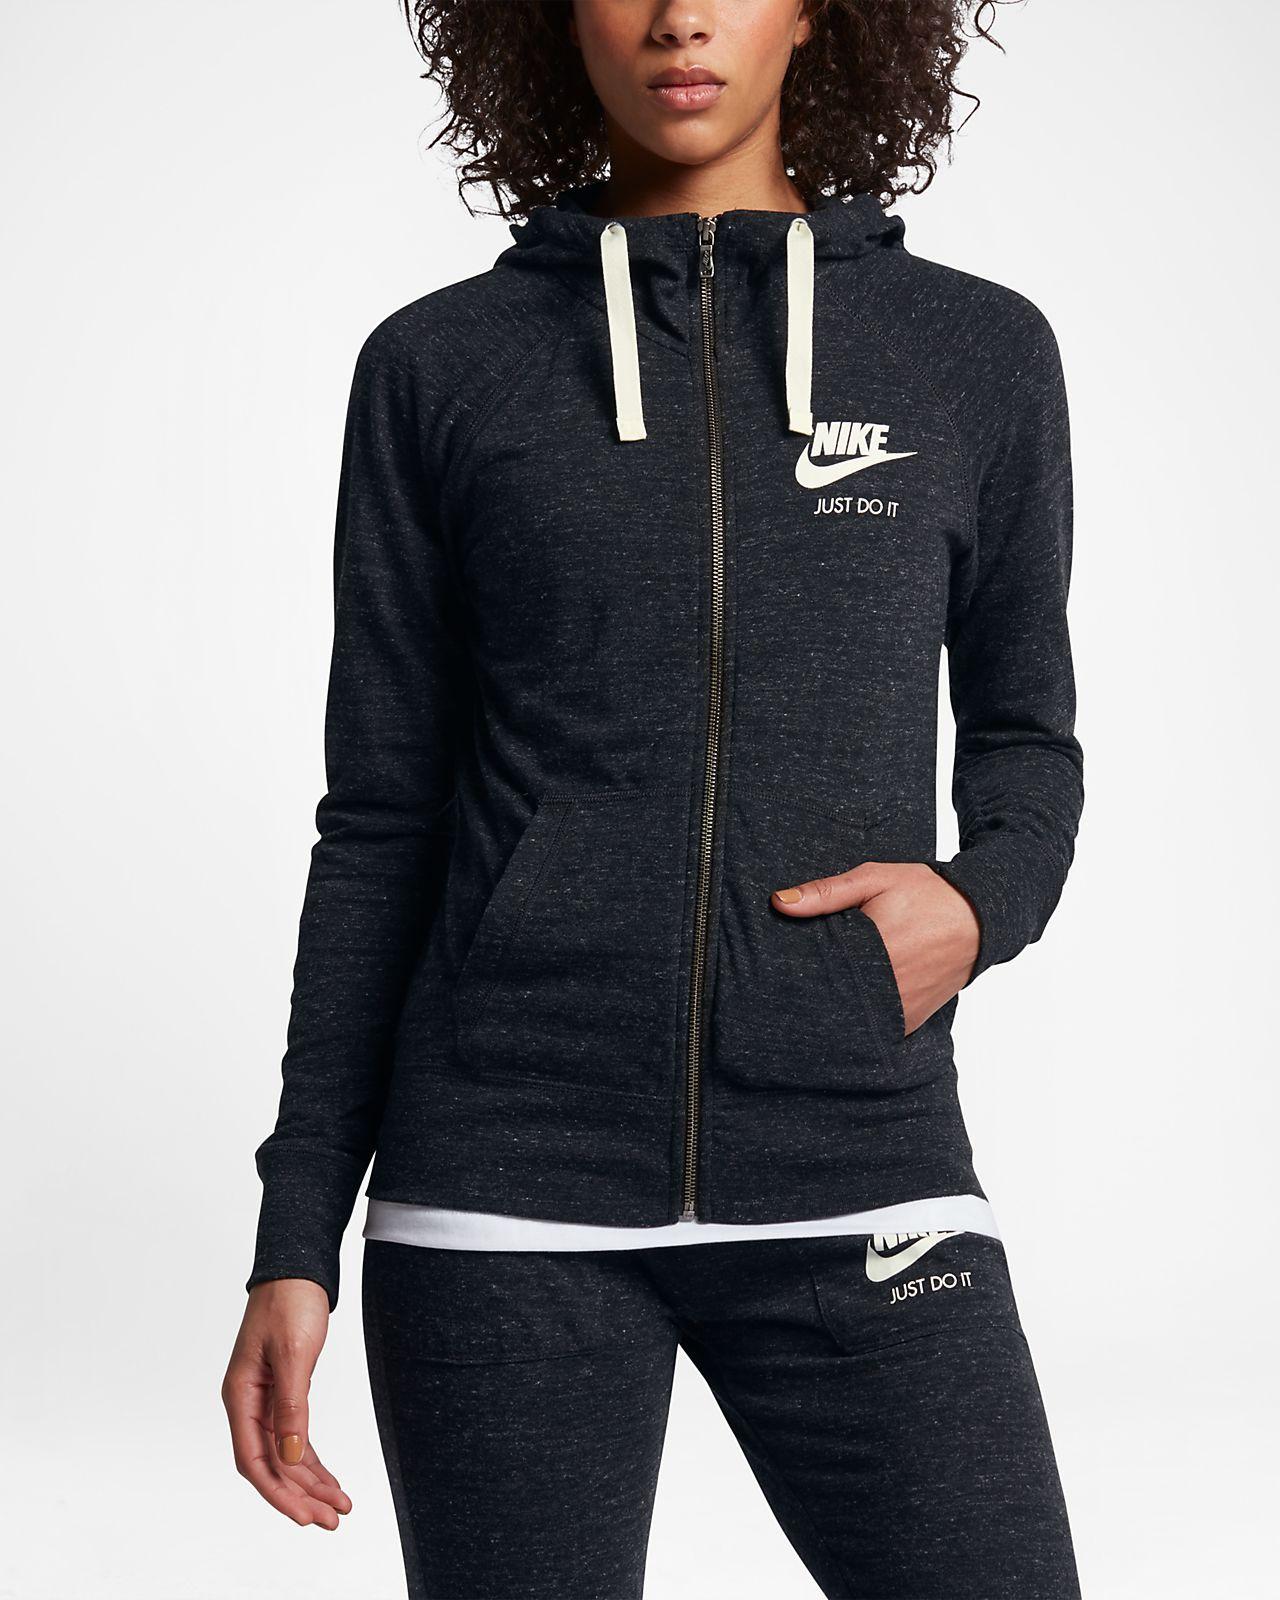 Nike sportswear gym vintage womenus fullzip hoodie things i want